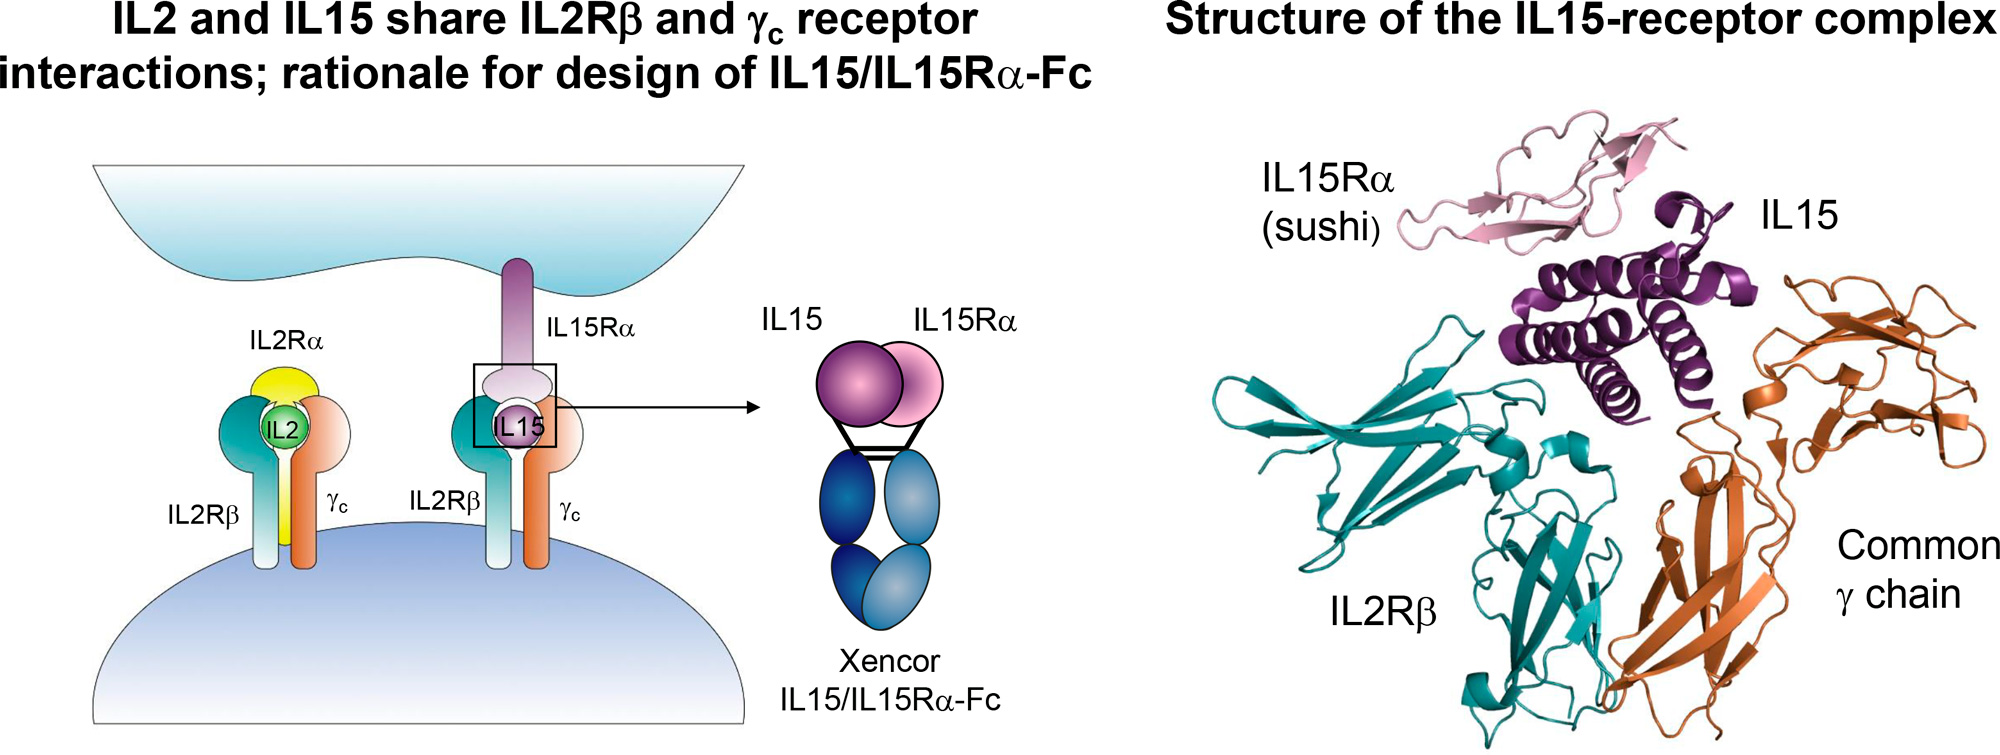 il 2 il 15 - Roche изучит лечение рака при помощи интерлейкина 15